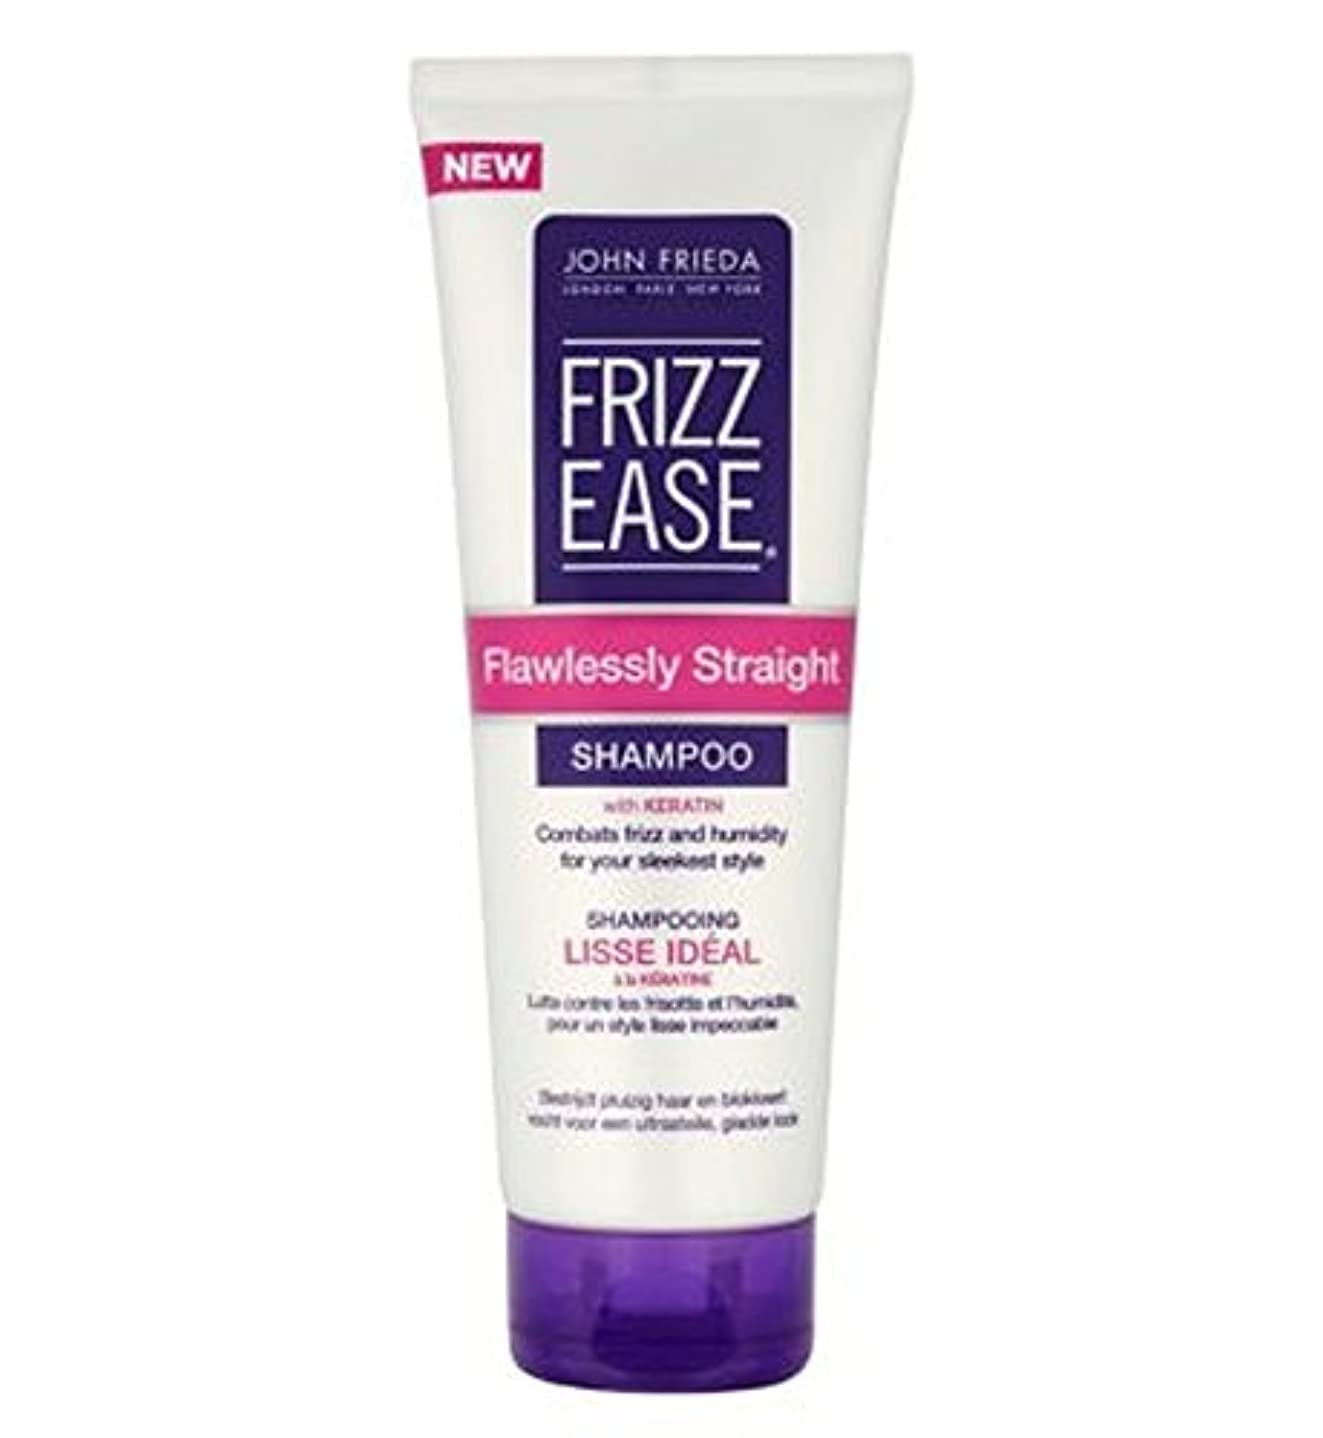 位置するドット階John Frieda Frizz-Ease Flawlessly Straight Shampoo with Keratin 250ml - ケラチン250ミリリットルとジョン?フリーダ縮れ-容易完璧にストレートシャンプー (John Frieda) [並行輸入品]